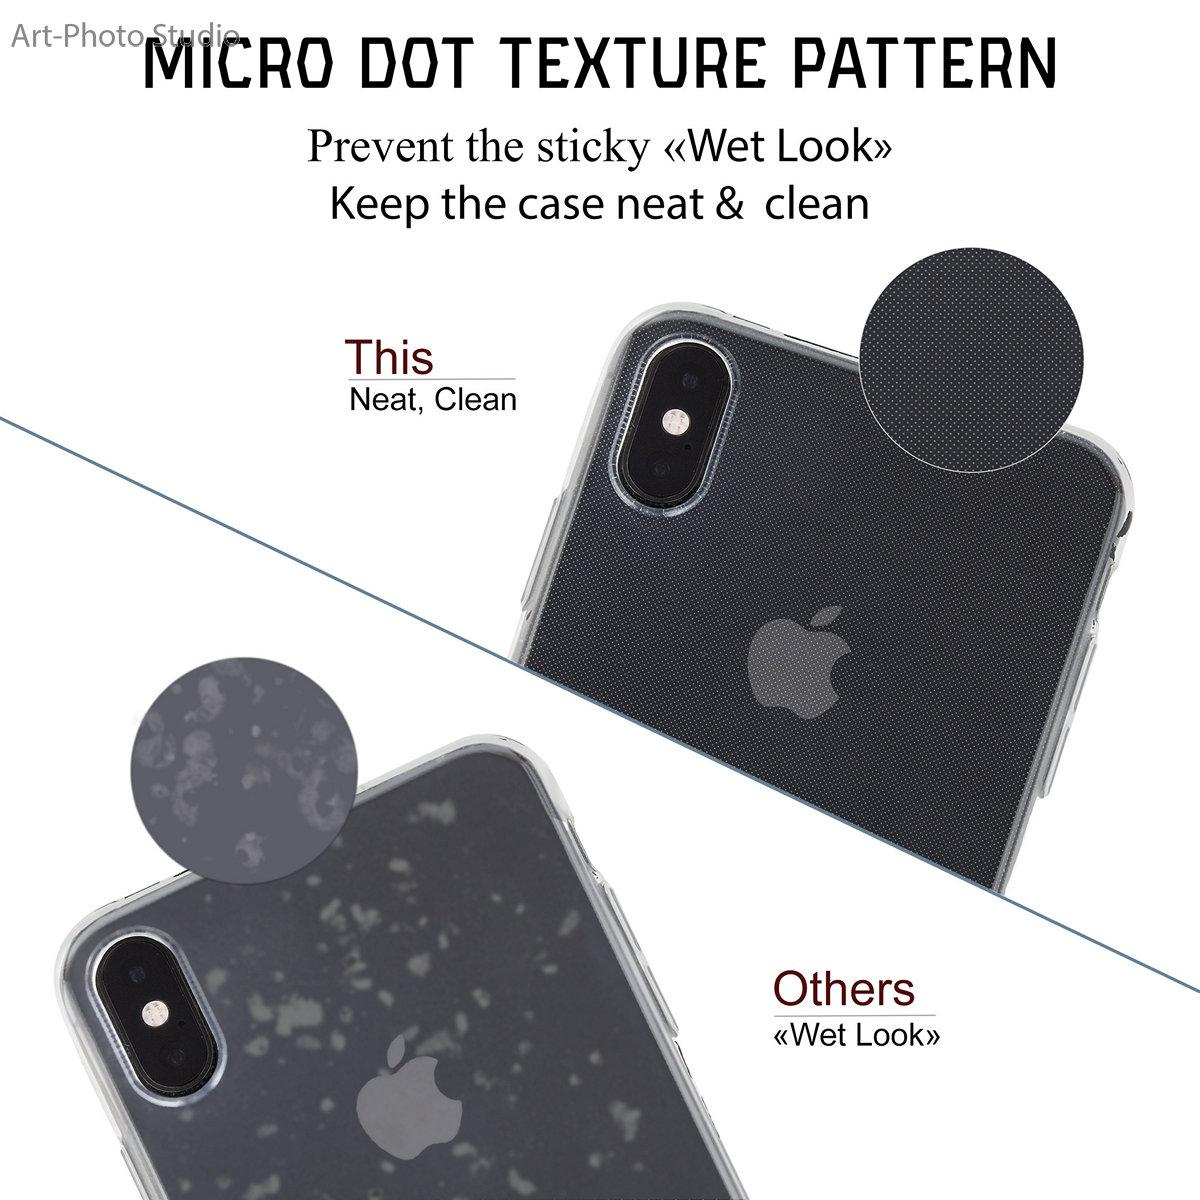 инфографика для Amazon - прозрачные чехлы для iPhone